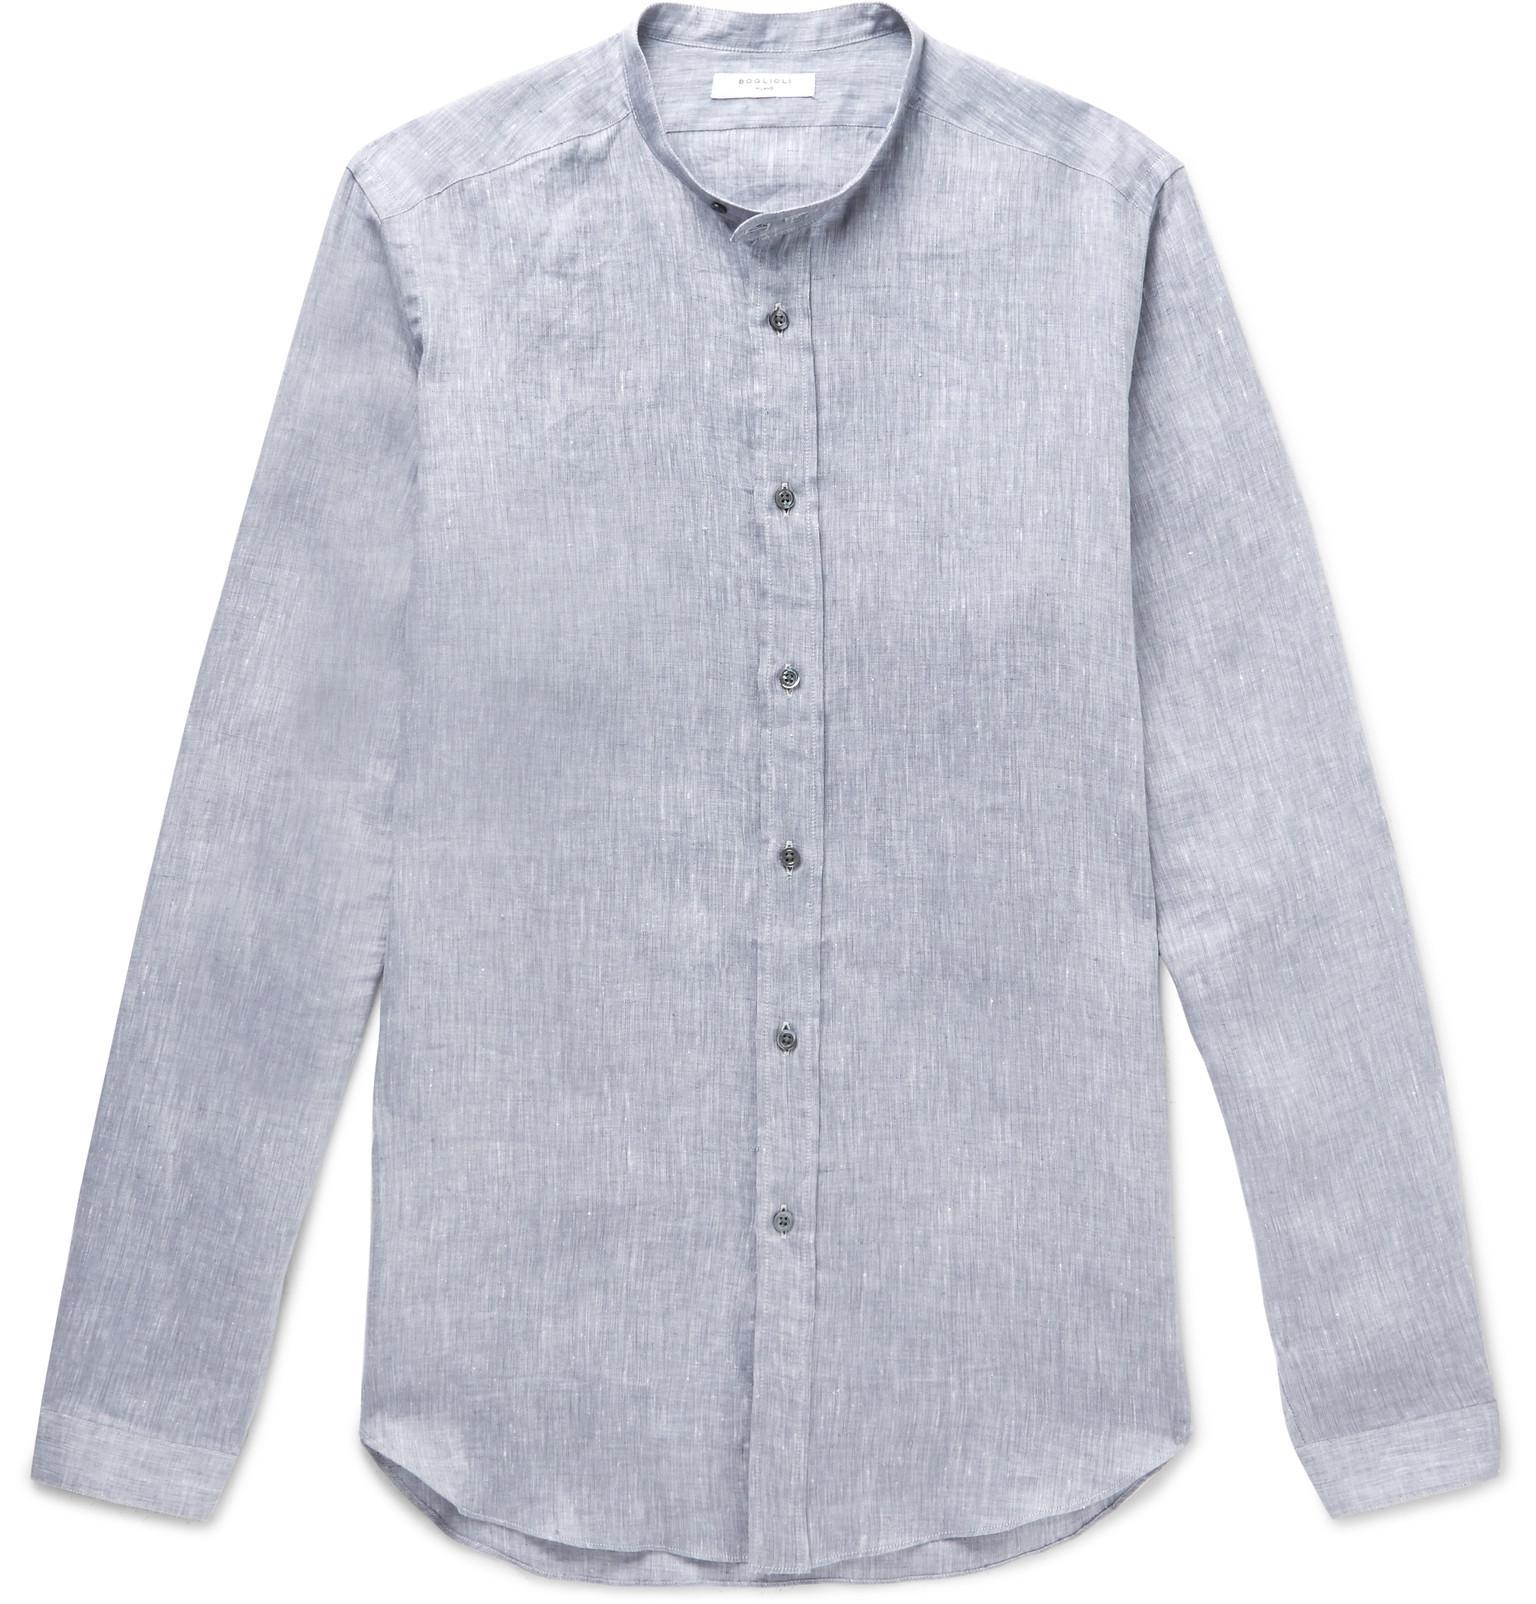 Camp-collar Mélange Linen-blend Shirt Barena Footlocker Pictures Sale Online MJ6uU